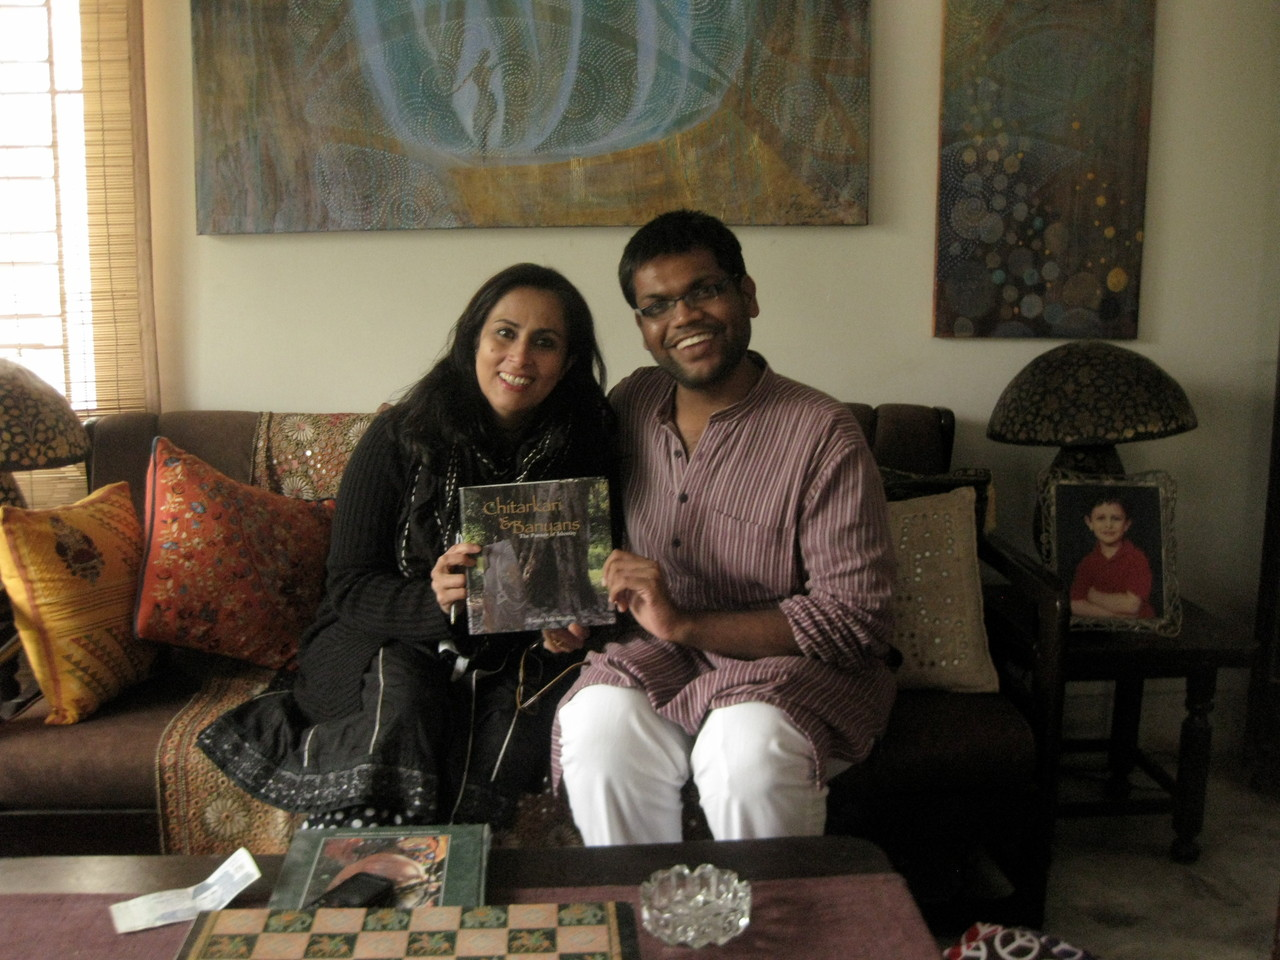 フォジアとインドの平和活動家のチンタン氏。チンタン氏はラホールで開かれた「Children Literacy Complex」に招待されたインドのジャイン教の方。フォジアの本と私の写真集を買っていただきました。フォジアの作品が壁にかかる彼女の家で。